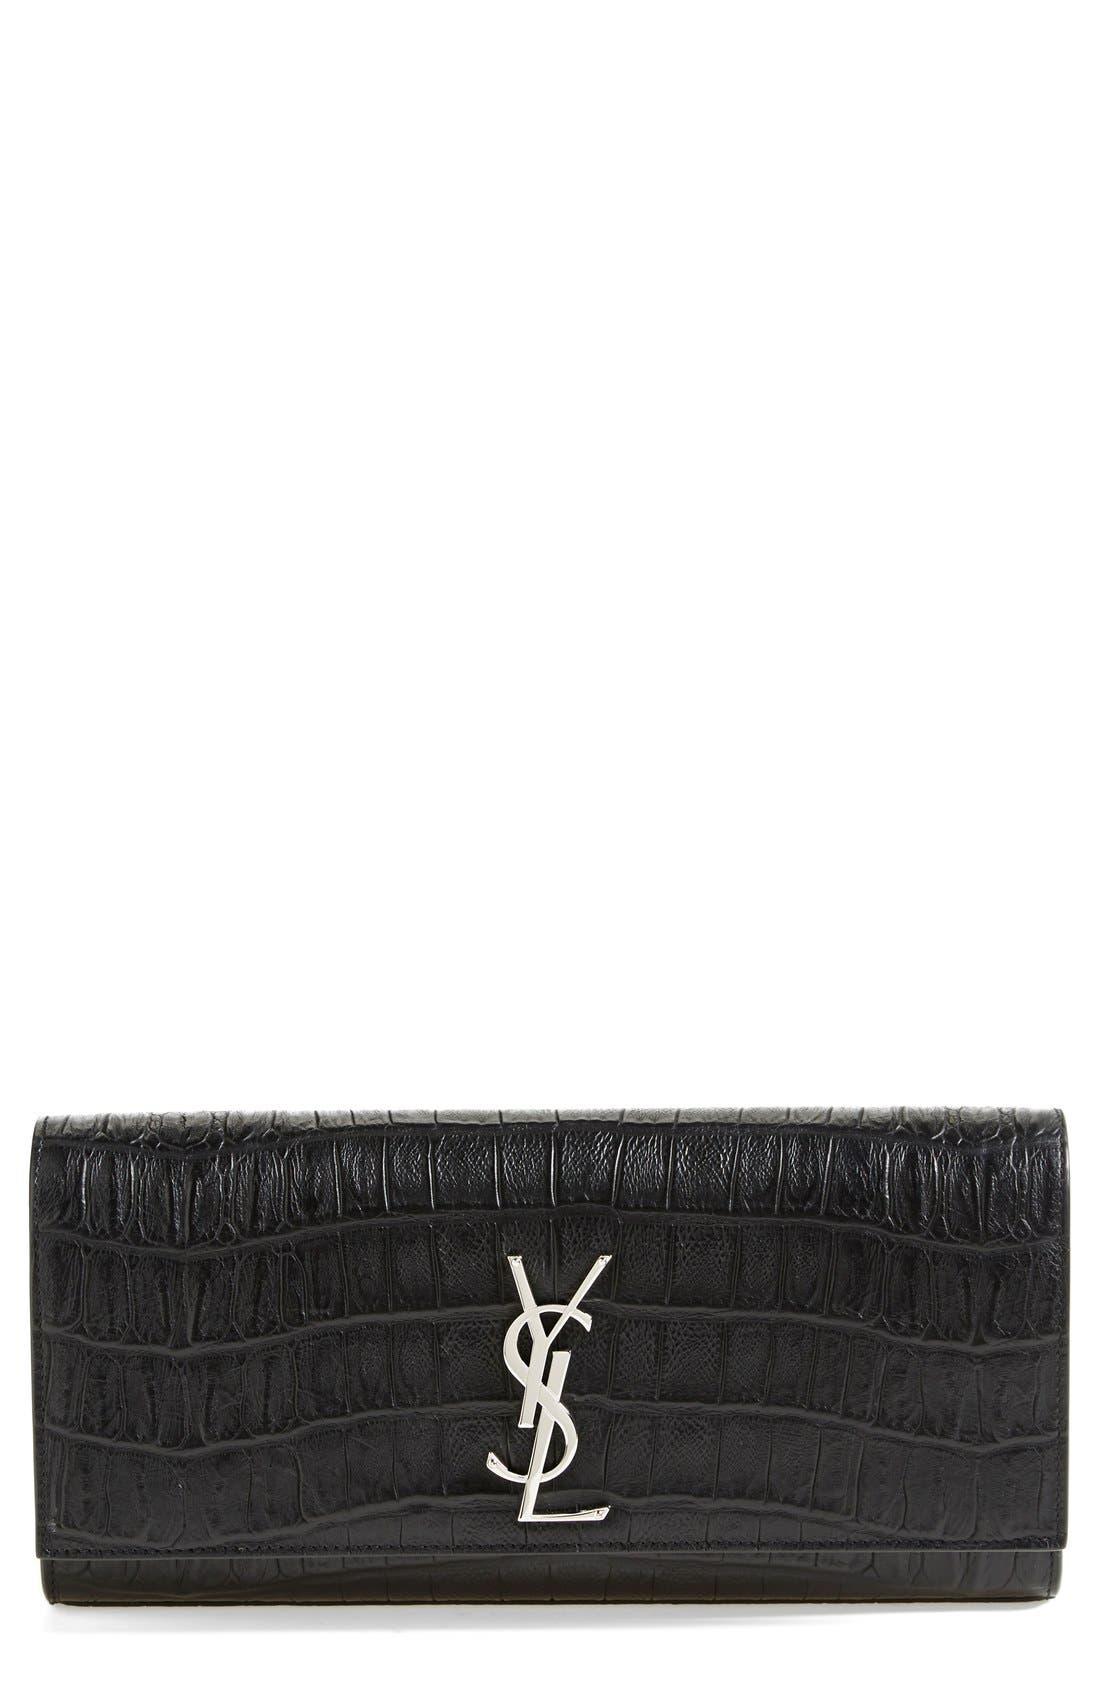 Main Image - Saint Laurent 'Cassandre' Croc Embossed Leather Clutch